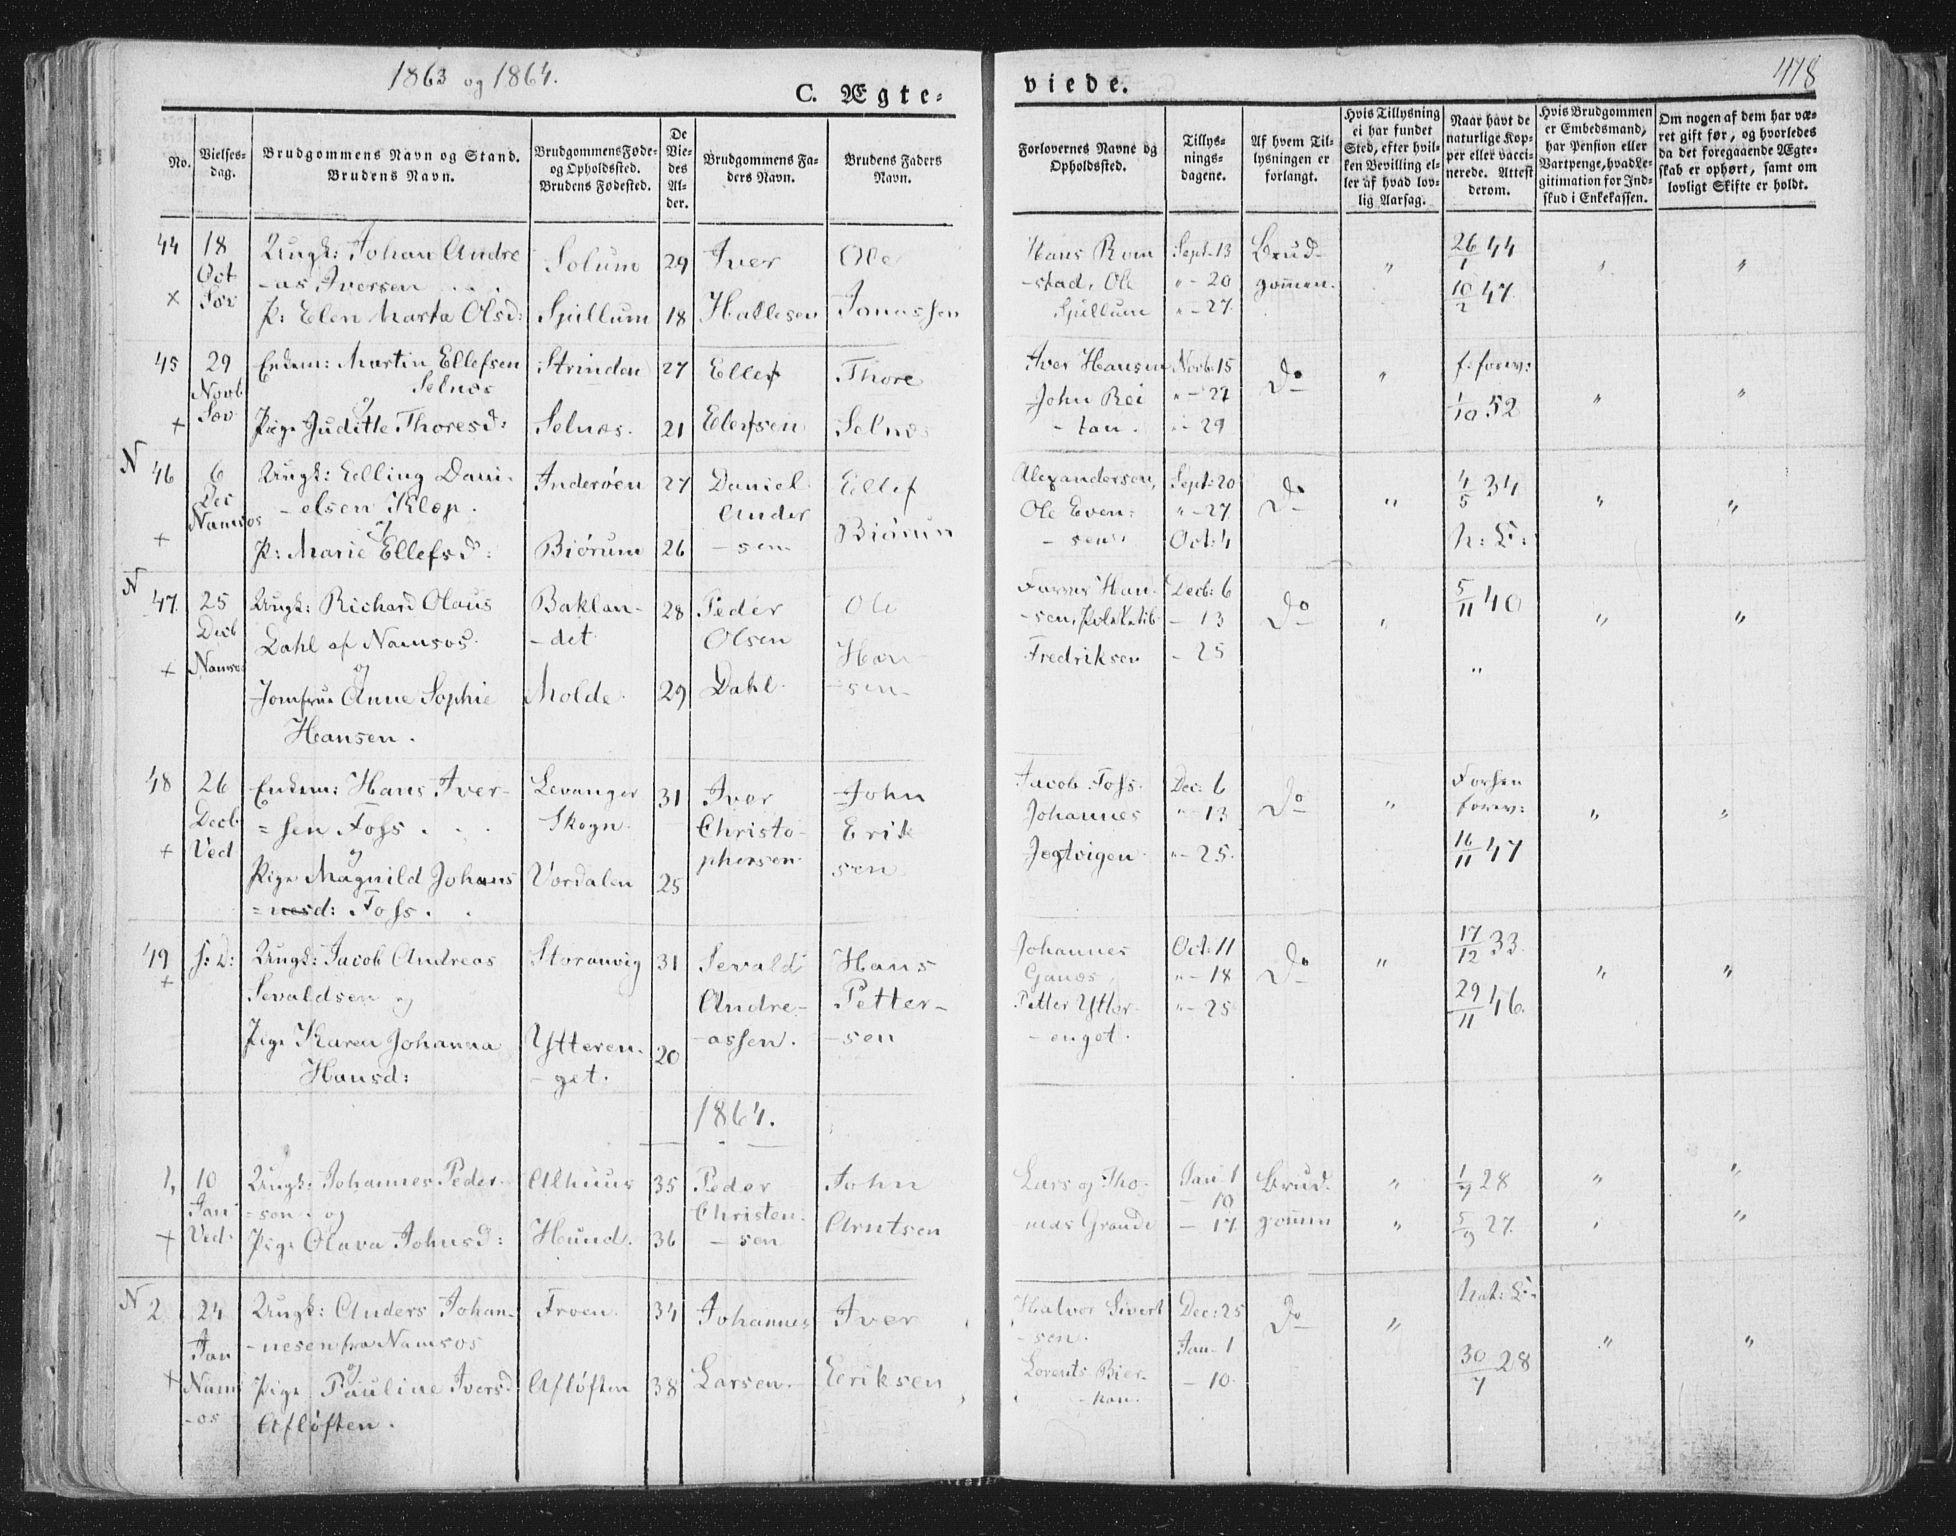 SAT, Ministerialprotokoller, klokkerbøker og fødselsregistre - Nord-Trøndelag, 764/L0552: Ministerialbok nr. 764A07b, 1824-1865, s. 418